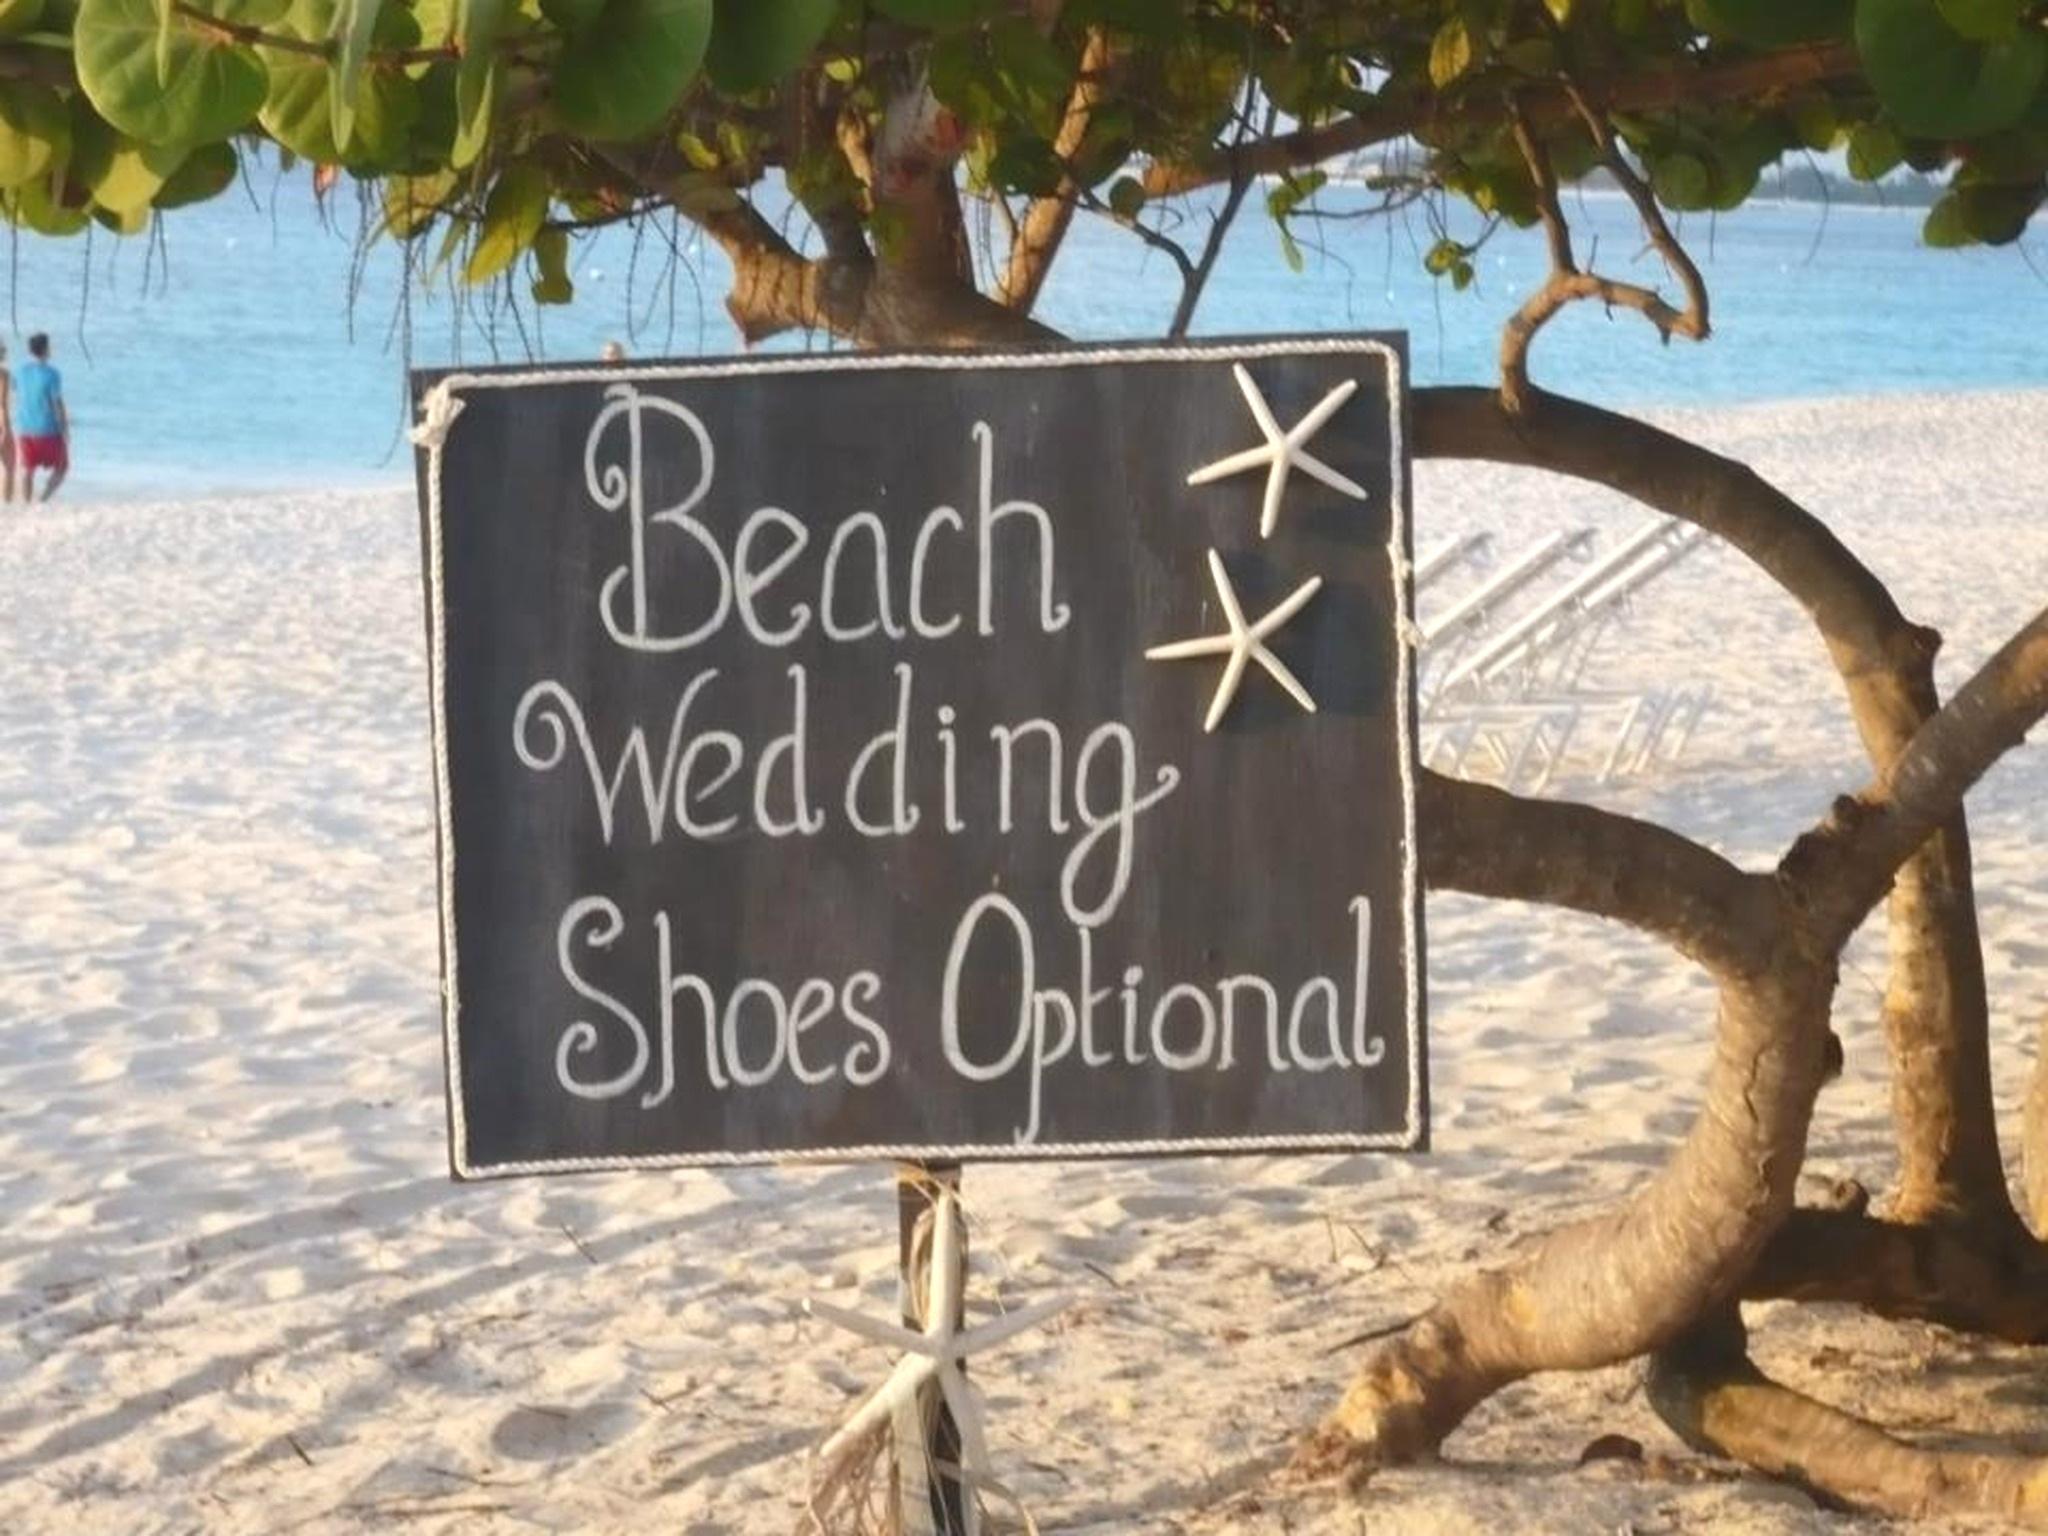 The-Flower-Dell-Wedding-Sign-1.jpg